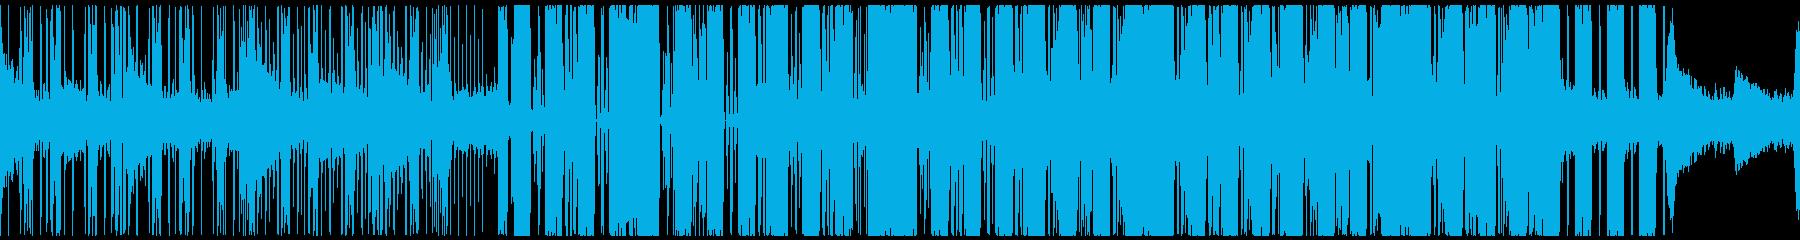 幻想的ダブステ・グリッチホップ・ループ◯の再生済みの波形